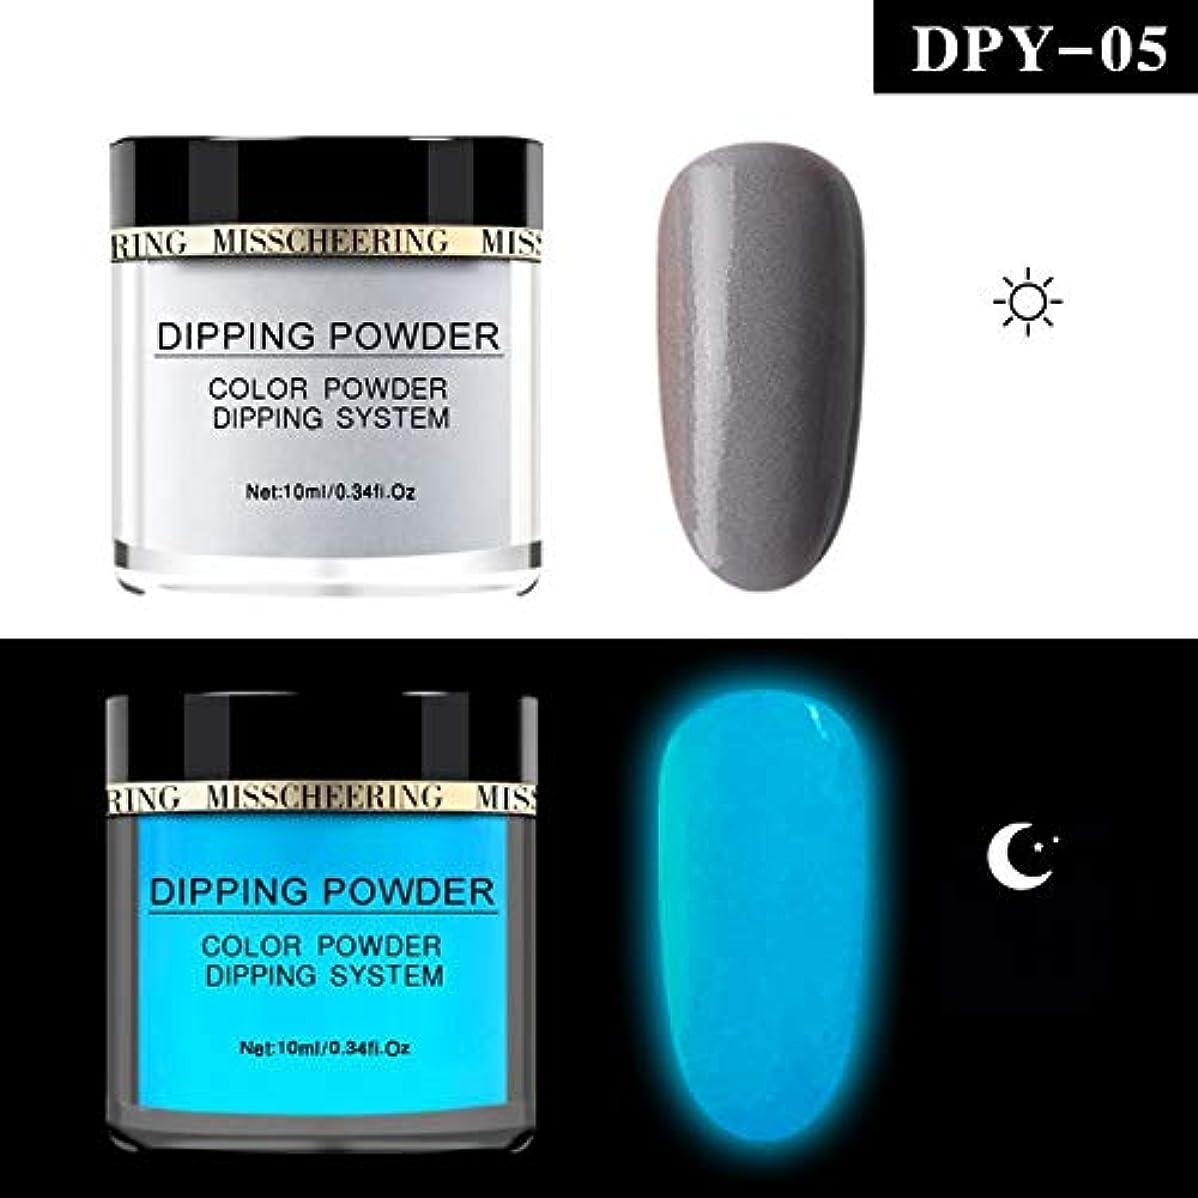 パトロン告白する無駄な10ml Luminous Nail Powder Fluorescent Art Pigment Dipping Glitter Decoration Natural Dry NO Lamp Cure Long Last